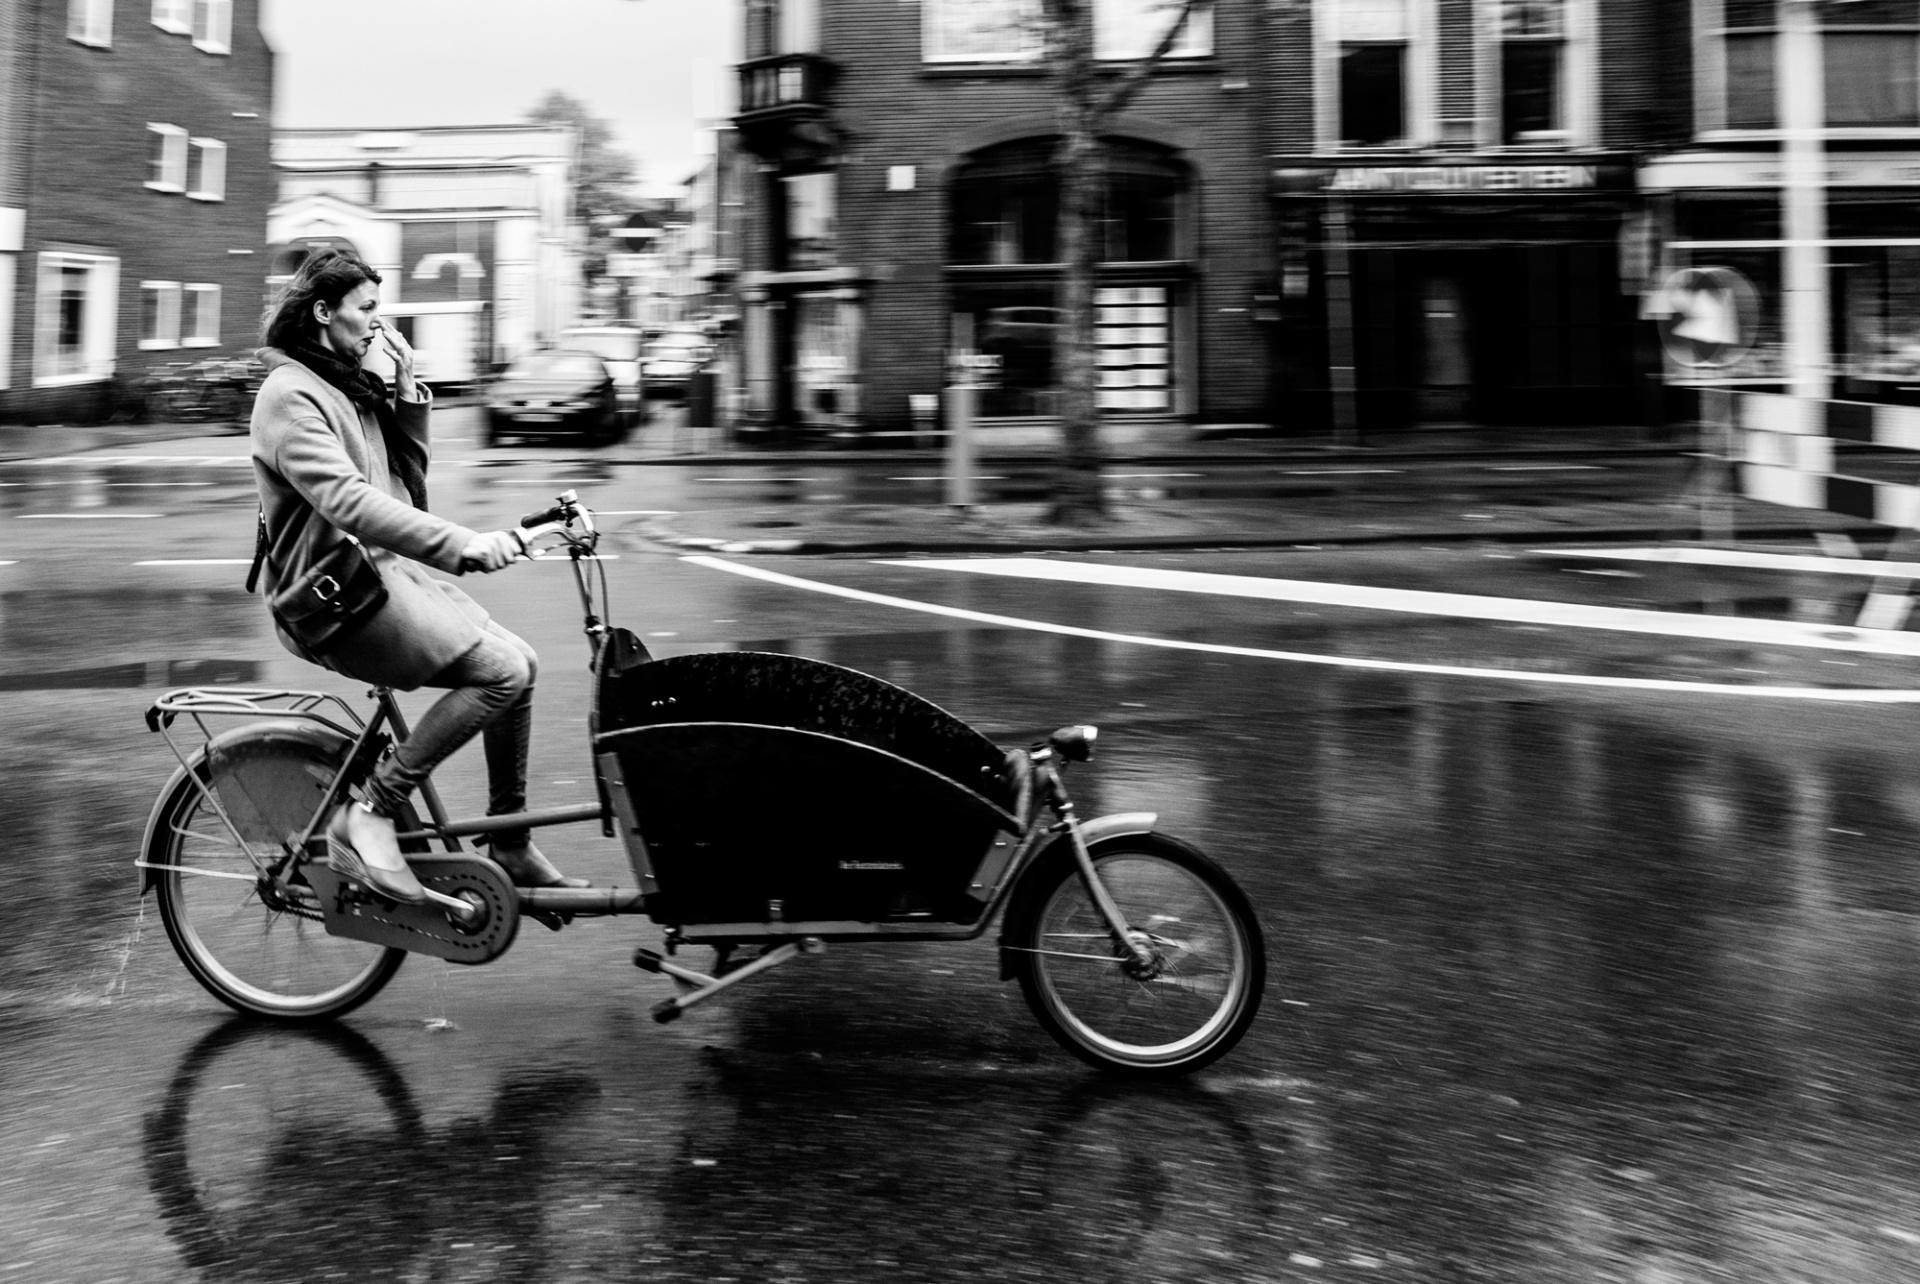 Amsterdam, la città del gezellig, Alcuni turisti pensano che Amsterdam sia la città del peccato, ma in realtà è la città della libertà e nella libertà la maggior parte delle persone vede il